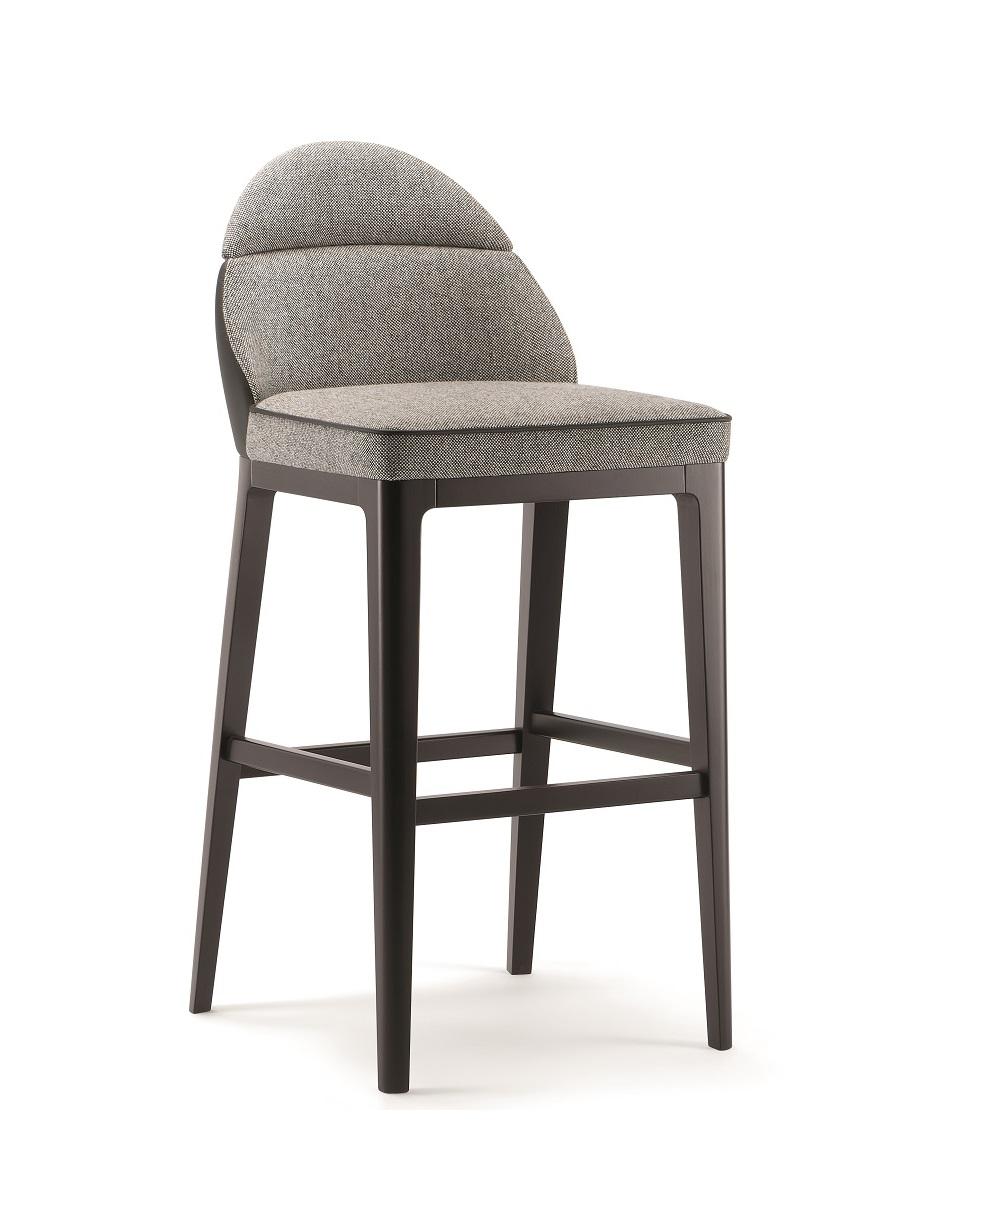 Aston 062 High stool